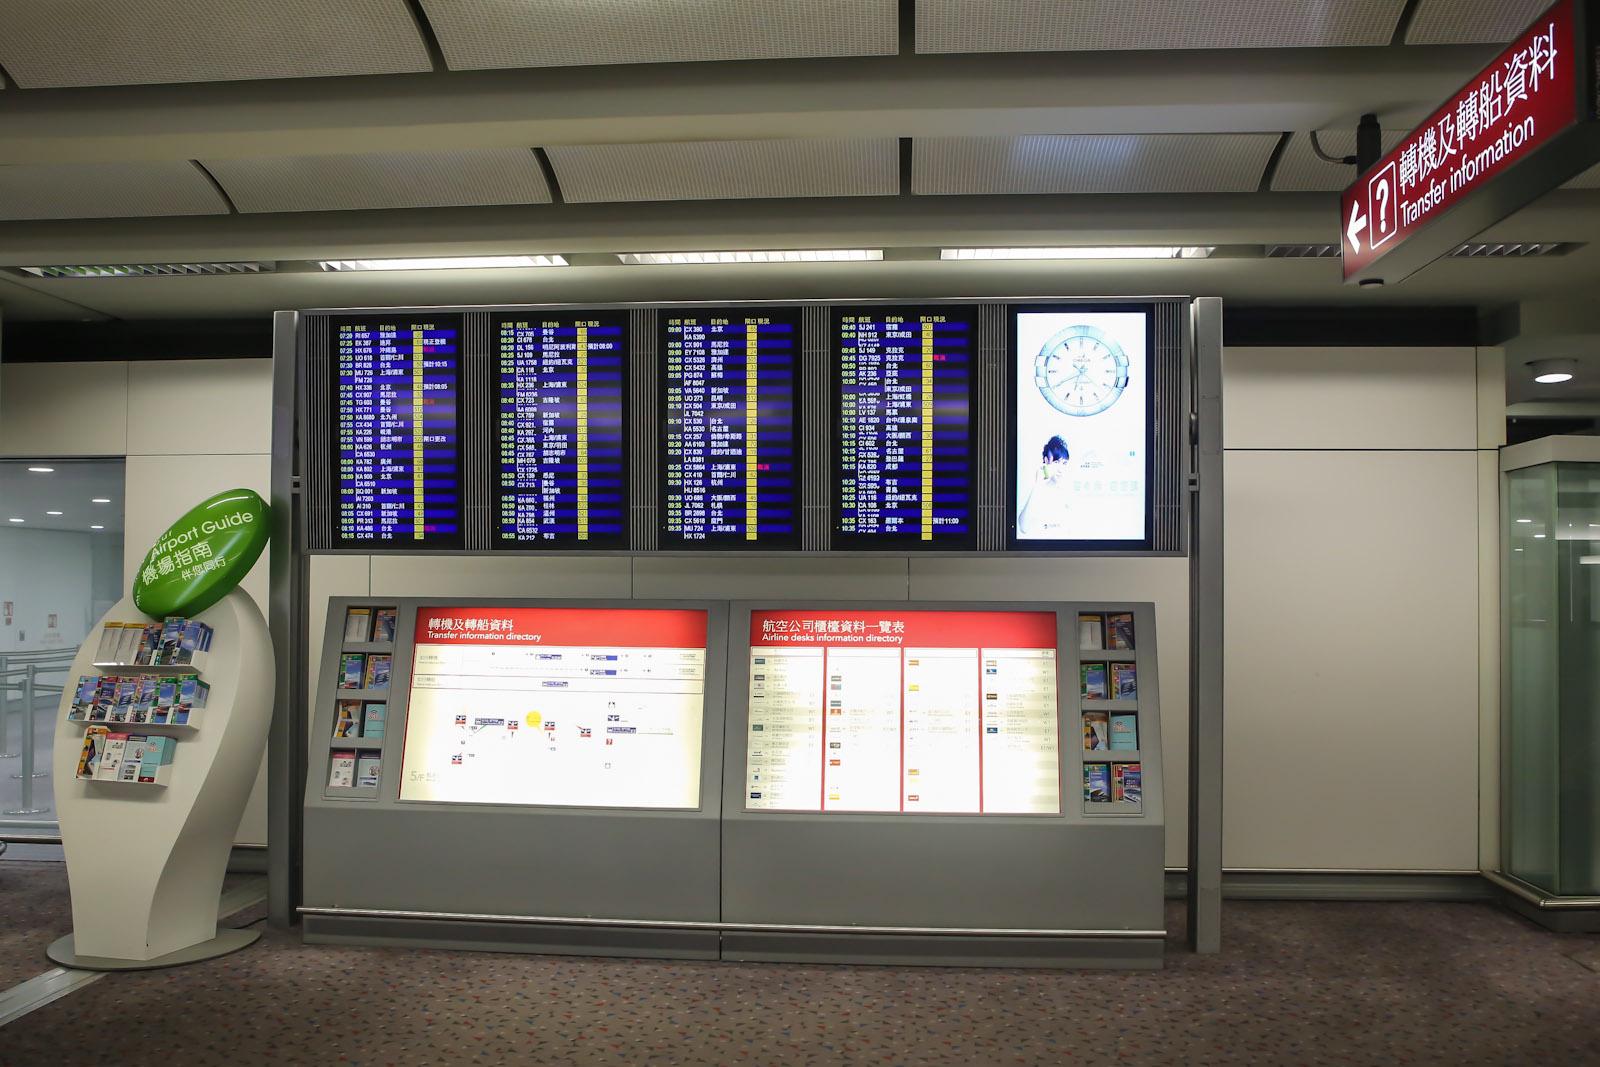 Информационная стойка в аэропорту Гонконга